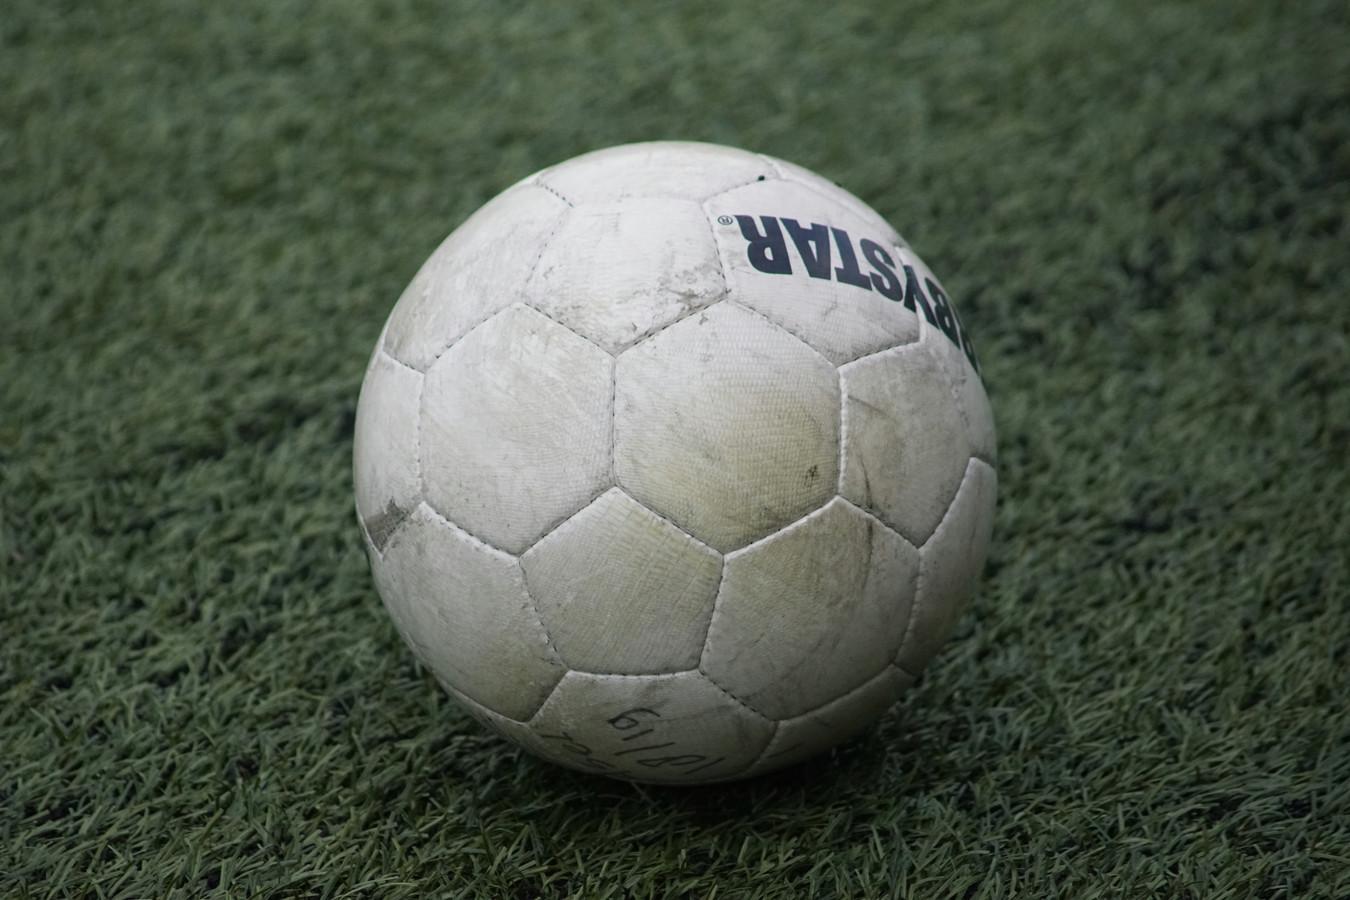 Voetbalstock